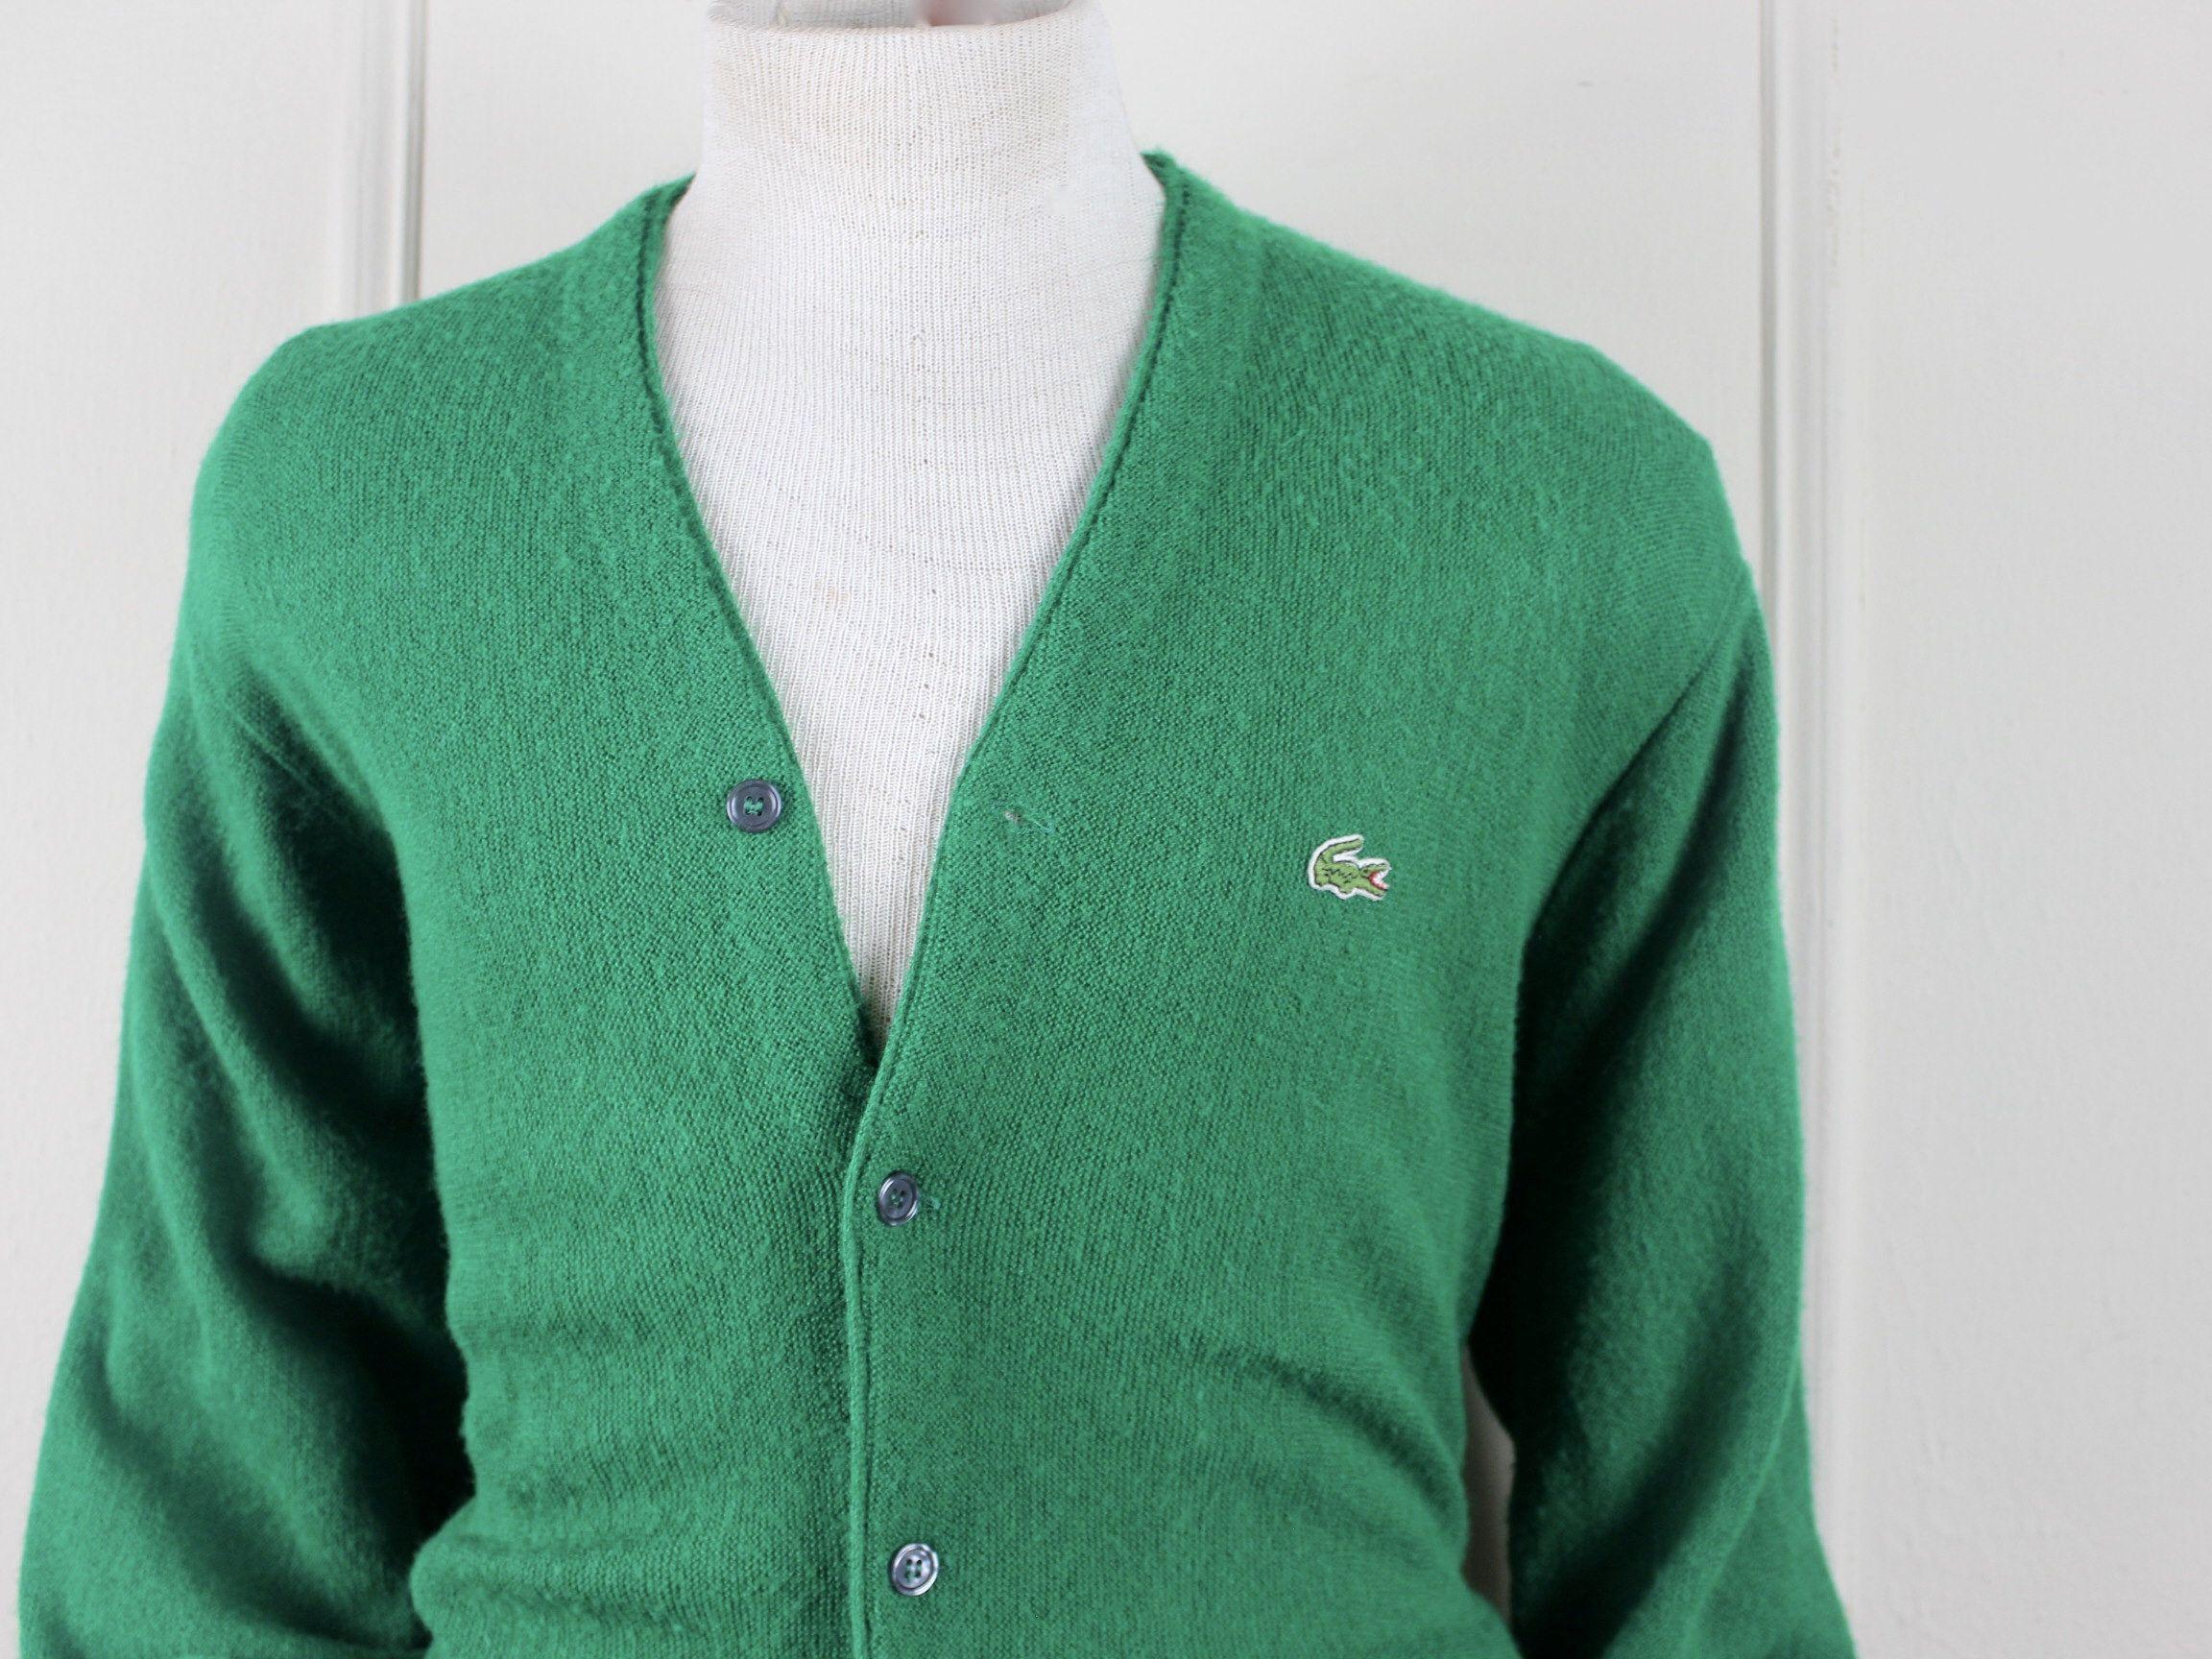 14 Zip Up Sweater Men/'s Large Vintage IZOD Sweater, Vintage 90s Sweater Green Collared Sweater Green Sweater